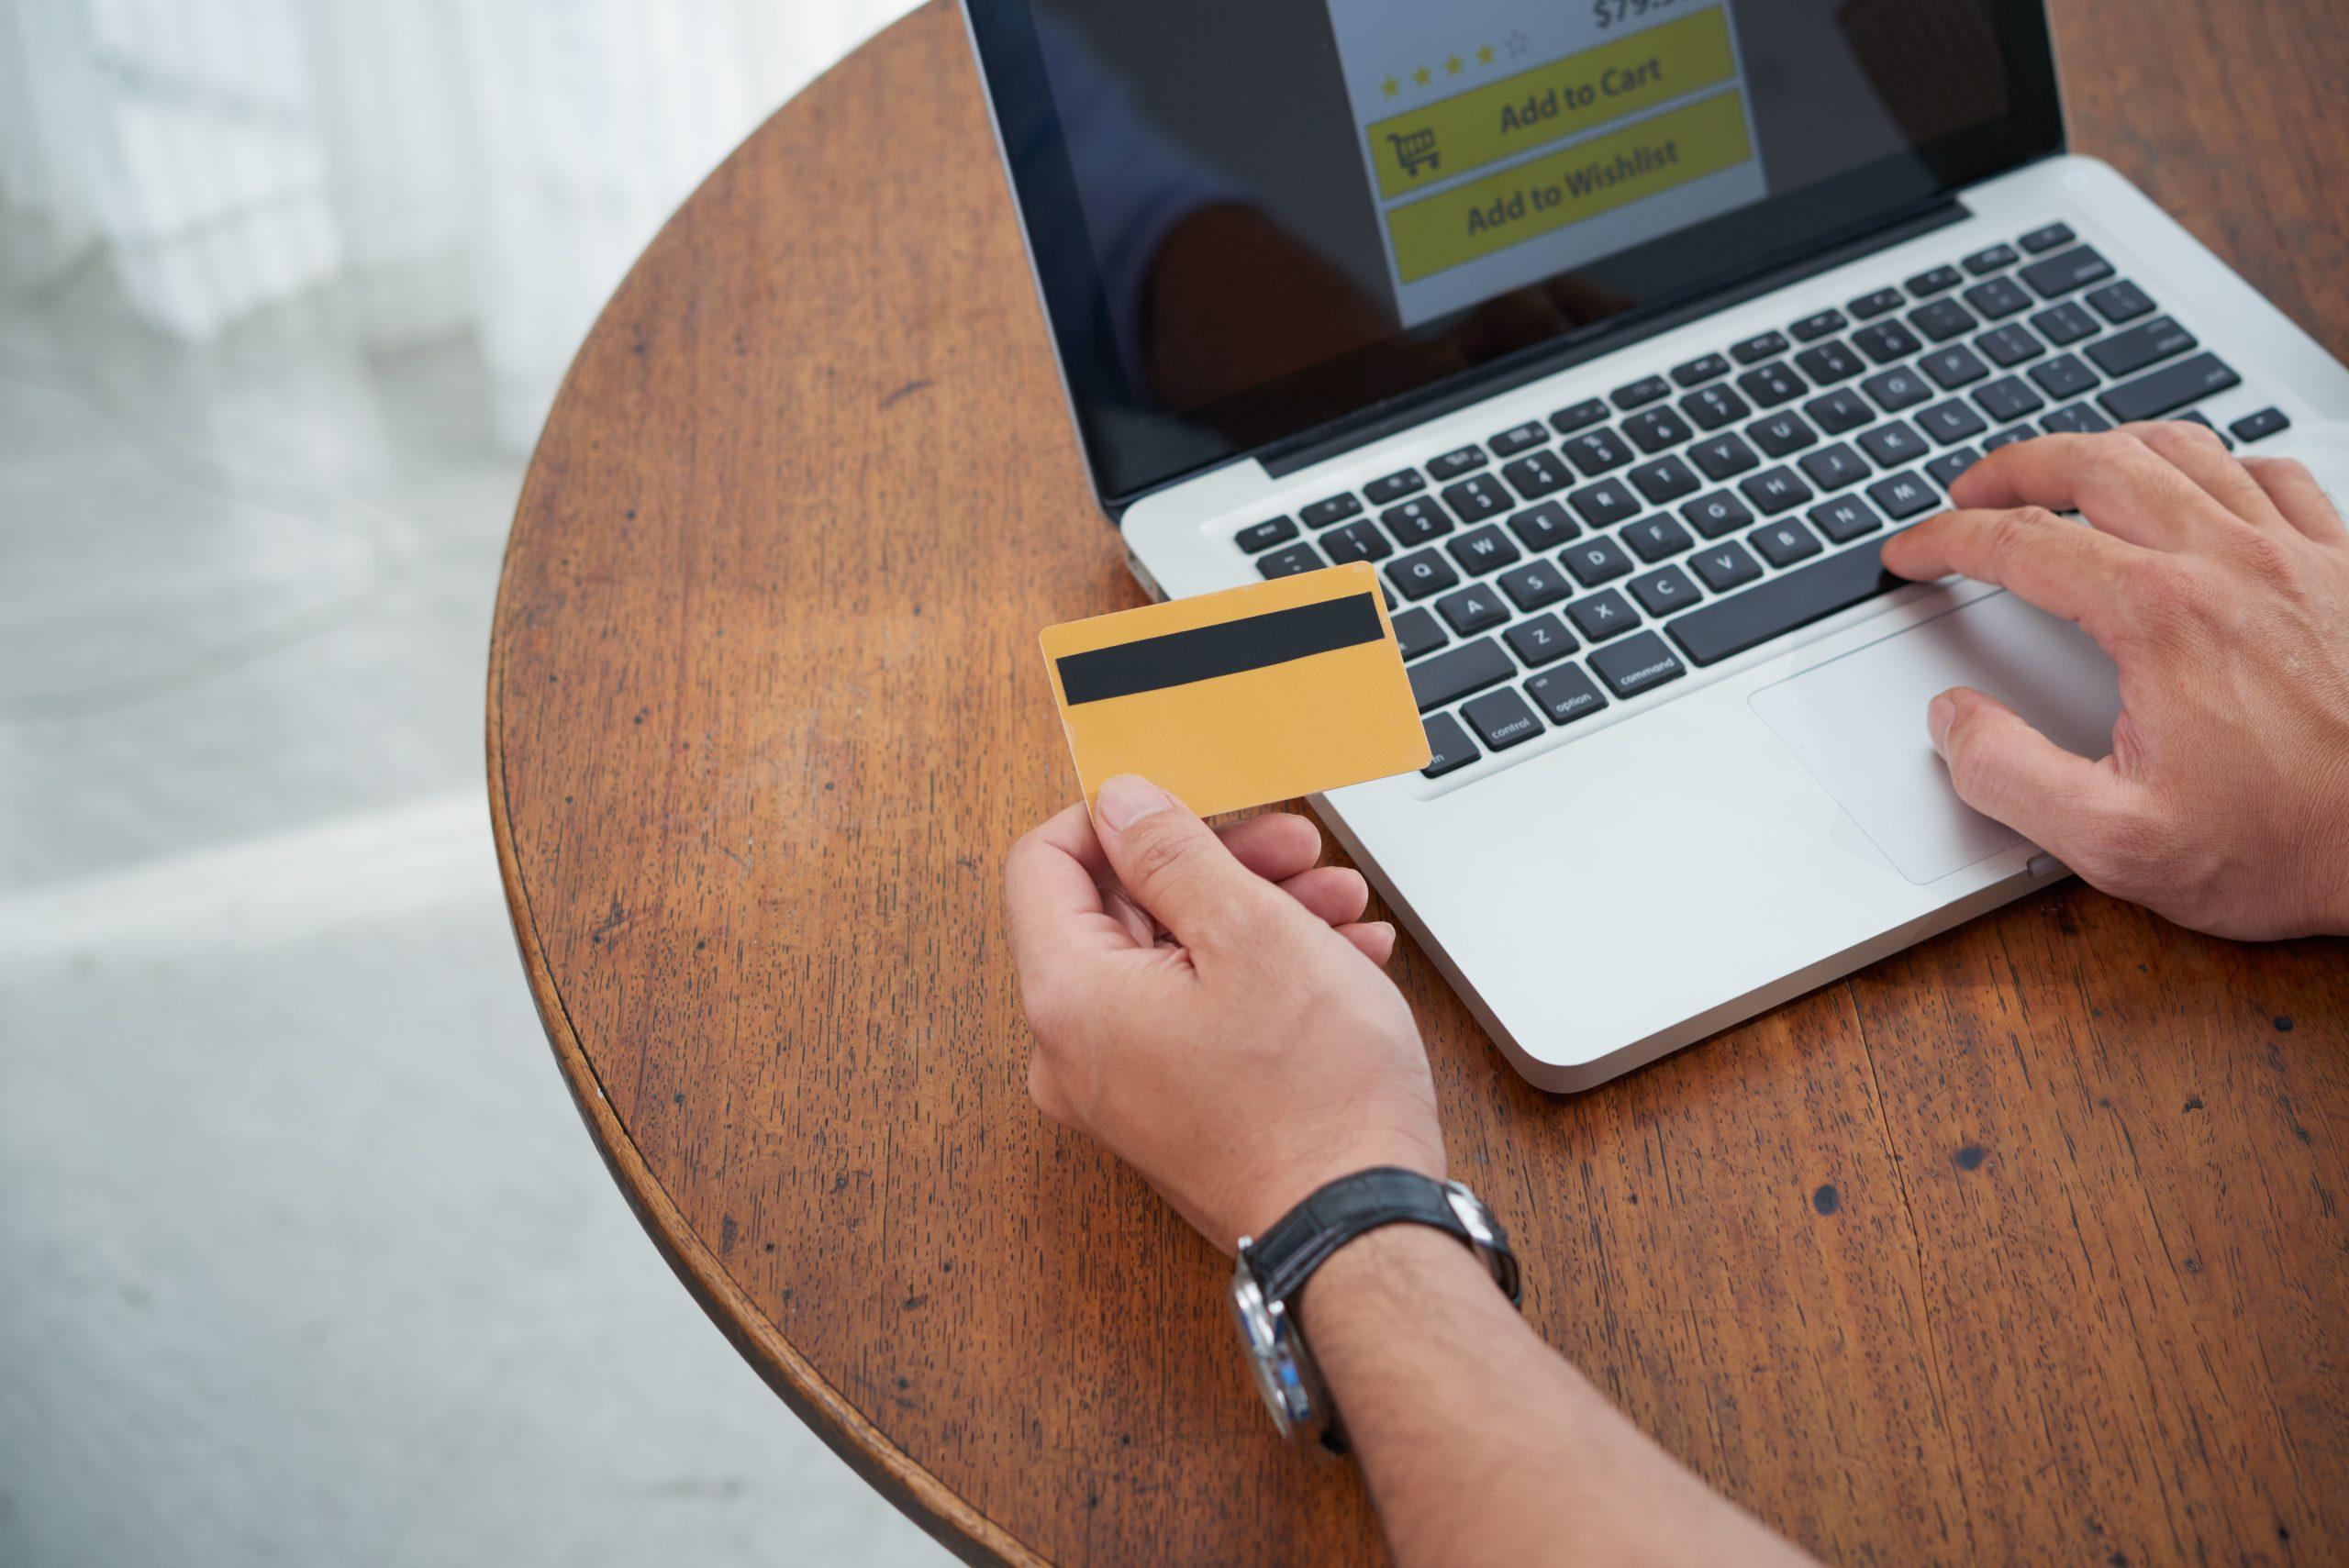 Consolidação dos débitos previdenciários no REFIS